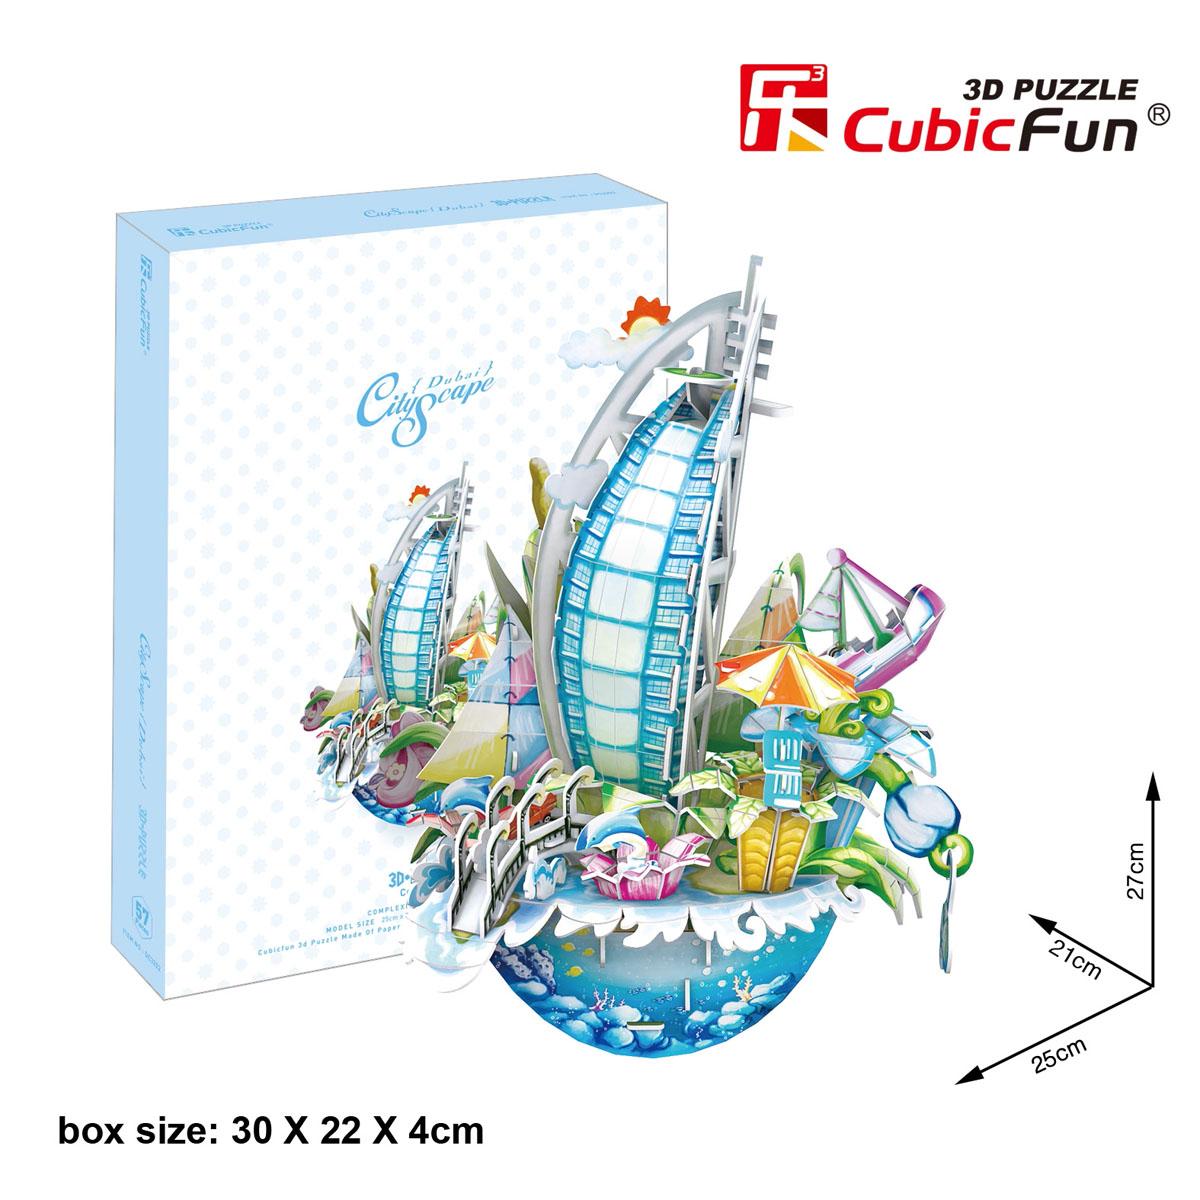 CubicFun Городской пейзаж: Дубаи, 57 элементовOC3202hКонструктор-макет CubicFun Городской пейзаж: Дубаи надолго увлечет вас и вашего малыша. Он позволит ребенку почувствовать себя настоящим архитектором и своими руками собрать необычный стилизованный пейзаж Дубаи. Конструктор включает в себя 57 элементов из мягкого вспененного полимера и подробную иллюстрированную инструкцию. Все детали пронумерованы, и ребенку не составит труда соединить их. Конструктор невероятно прост в применении - вам не понадобятся ножницы или клей, все элементы легко извлекаются из рамок путем выдавливания, и соединяются благодаря вырубкам. Конструктор порадует вас высоким качеством исполнения и детализации, и подарит вашему малышу множество веселых мгновений. Готовый макет станет предметом гордости малыша, он будет великолепным украшением любого интерьера или подарком для родных и близких. Порадуйте своего малыша таким прекрасным подарком!